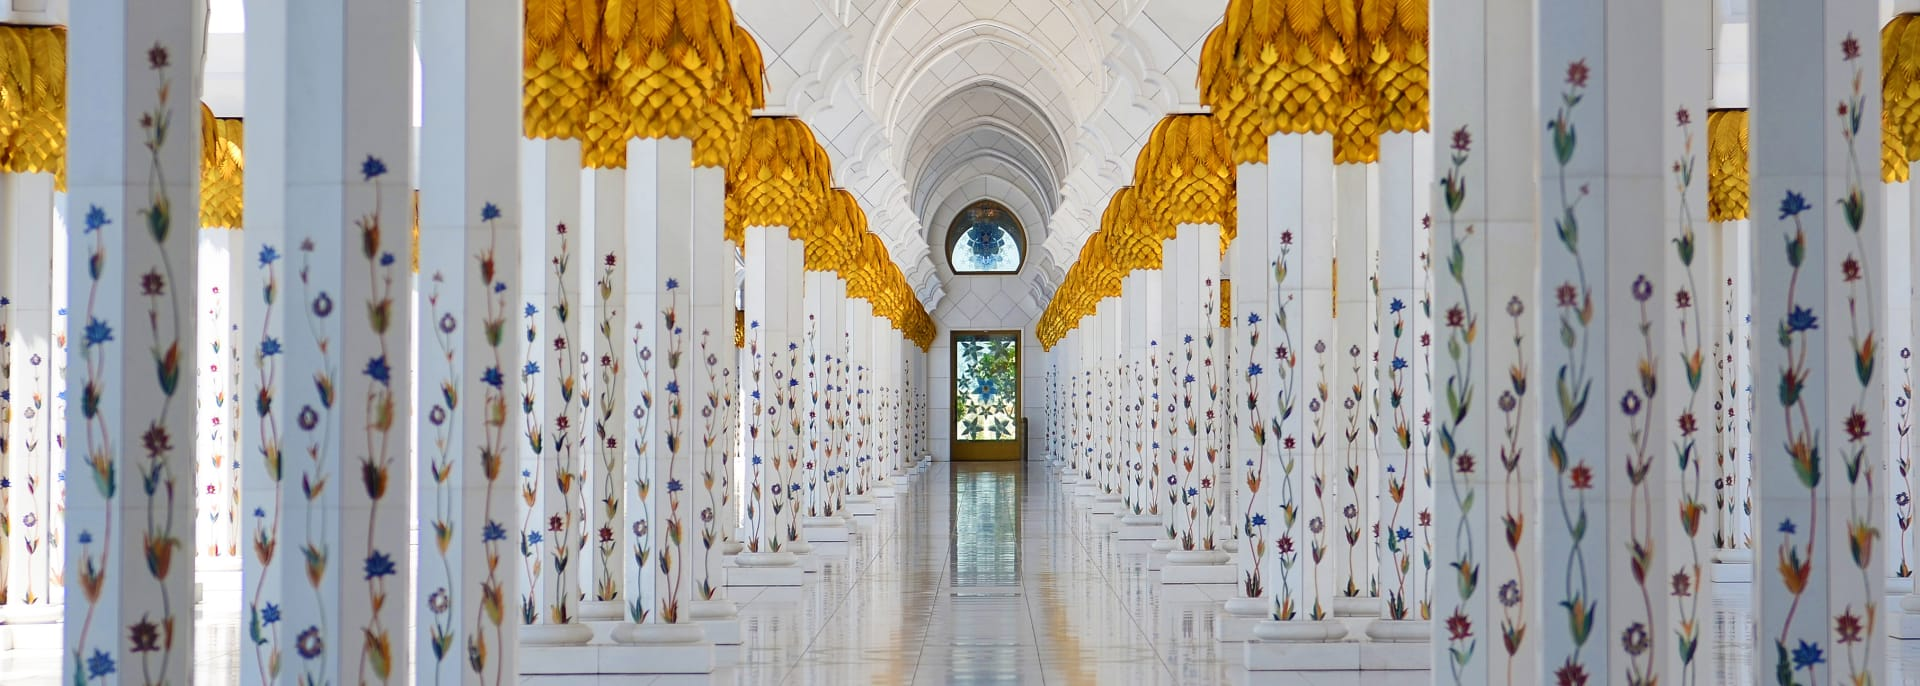 Zayed Moschee, Arabische Länder